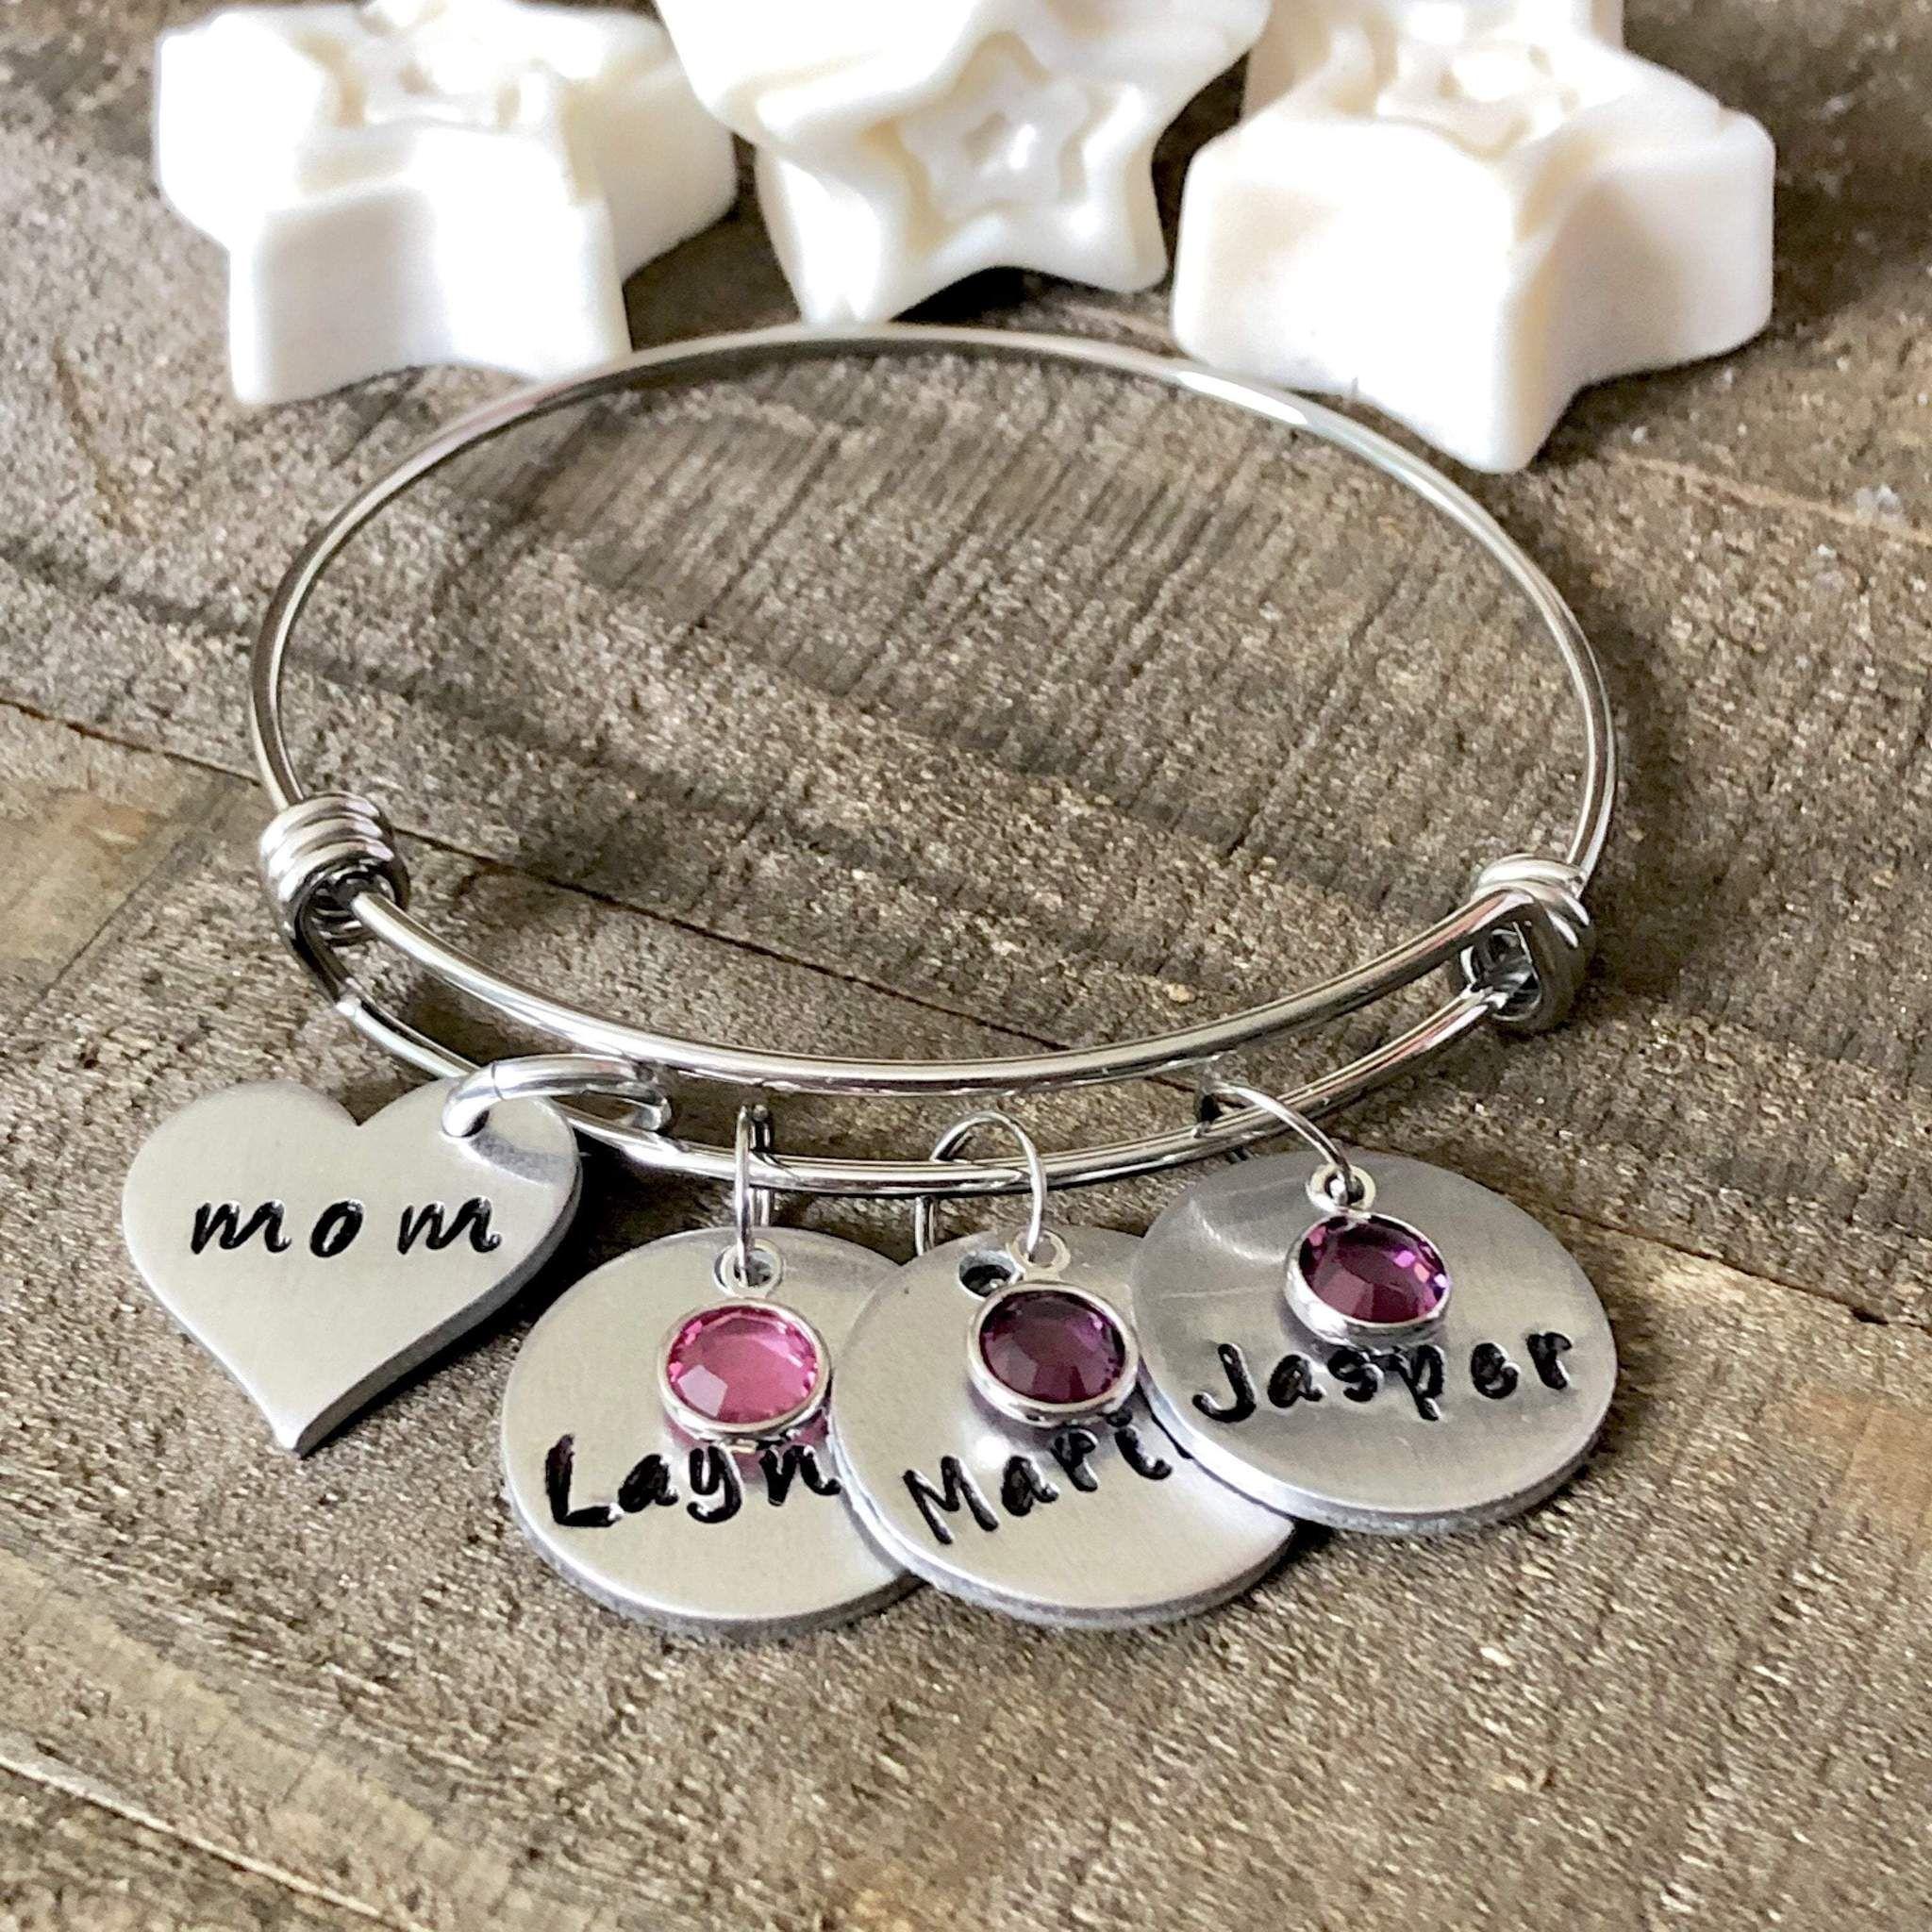 bracelet for child hypoallergenic love and friendship,Christmas gift grandchild bracelet best friend Children/'s bracelet Christmas gift